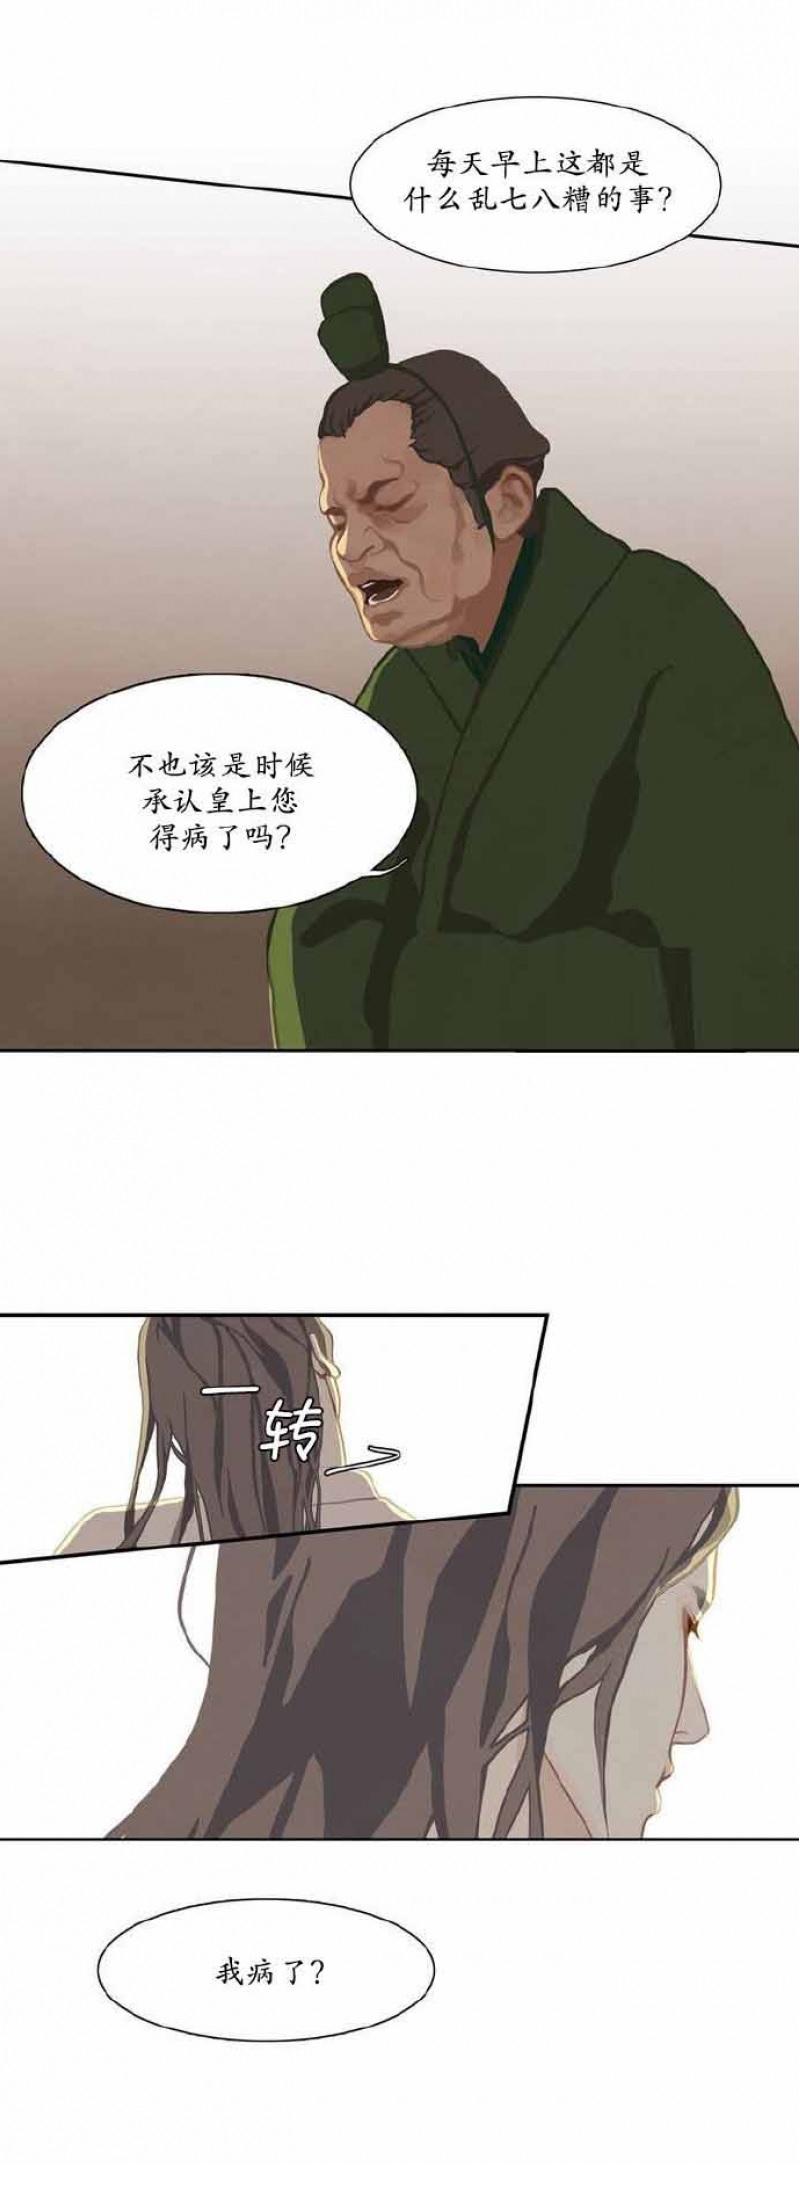 嗨漫部落热门韩漫耽美漫画免费看 巴尔多宫 第二话